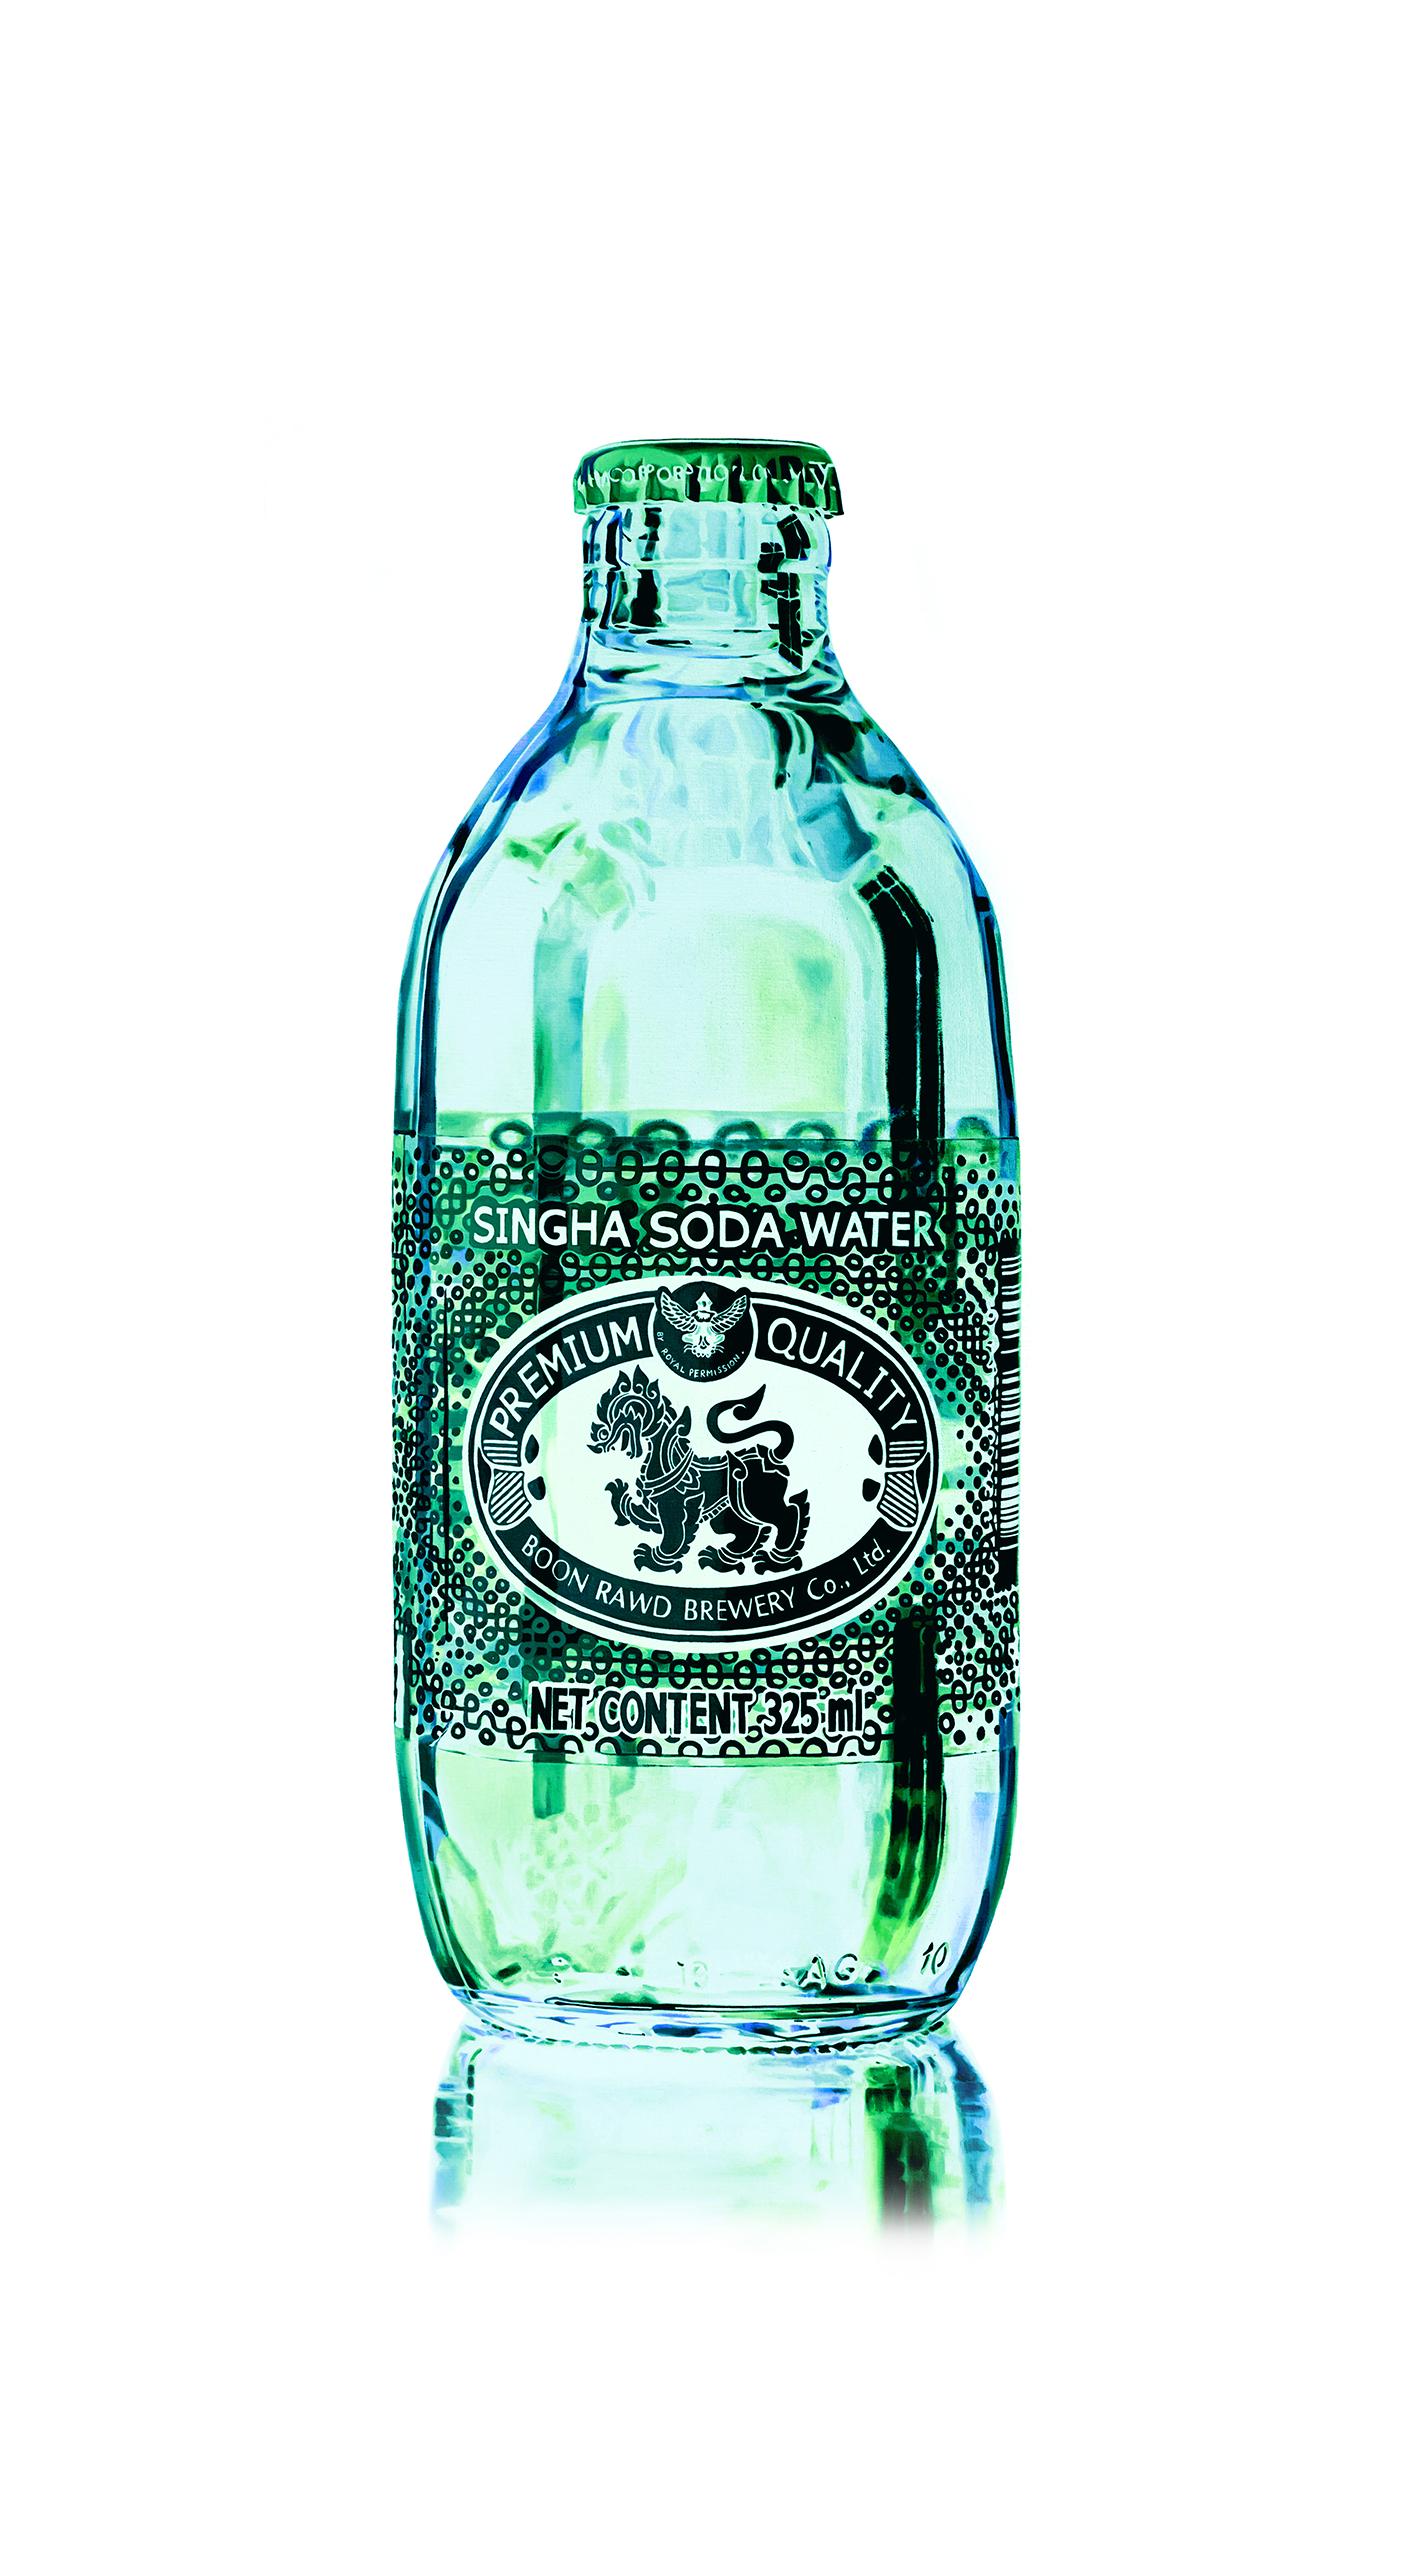 Bottle #11a